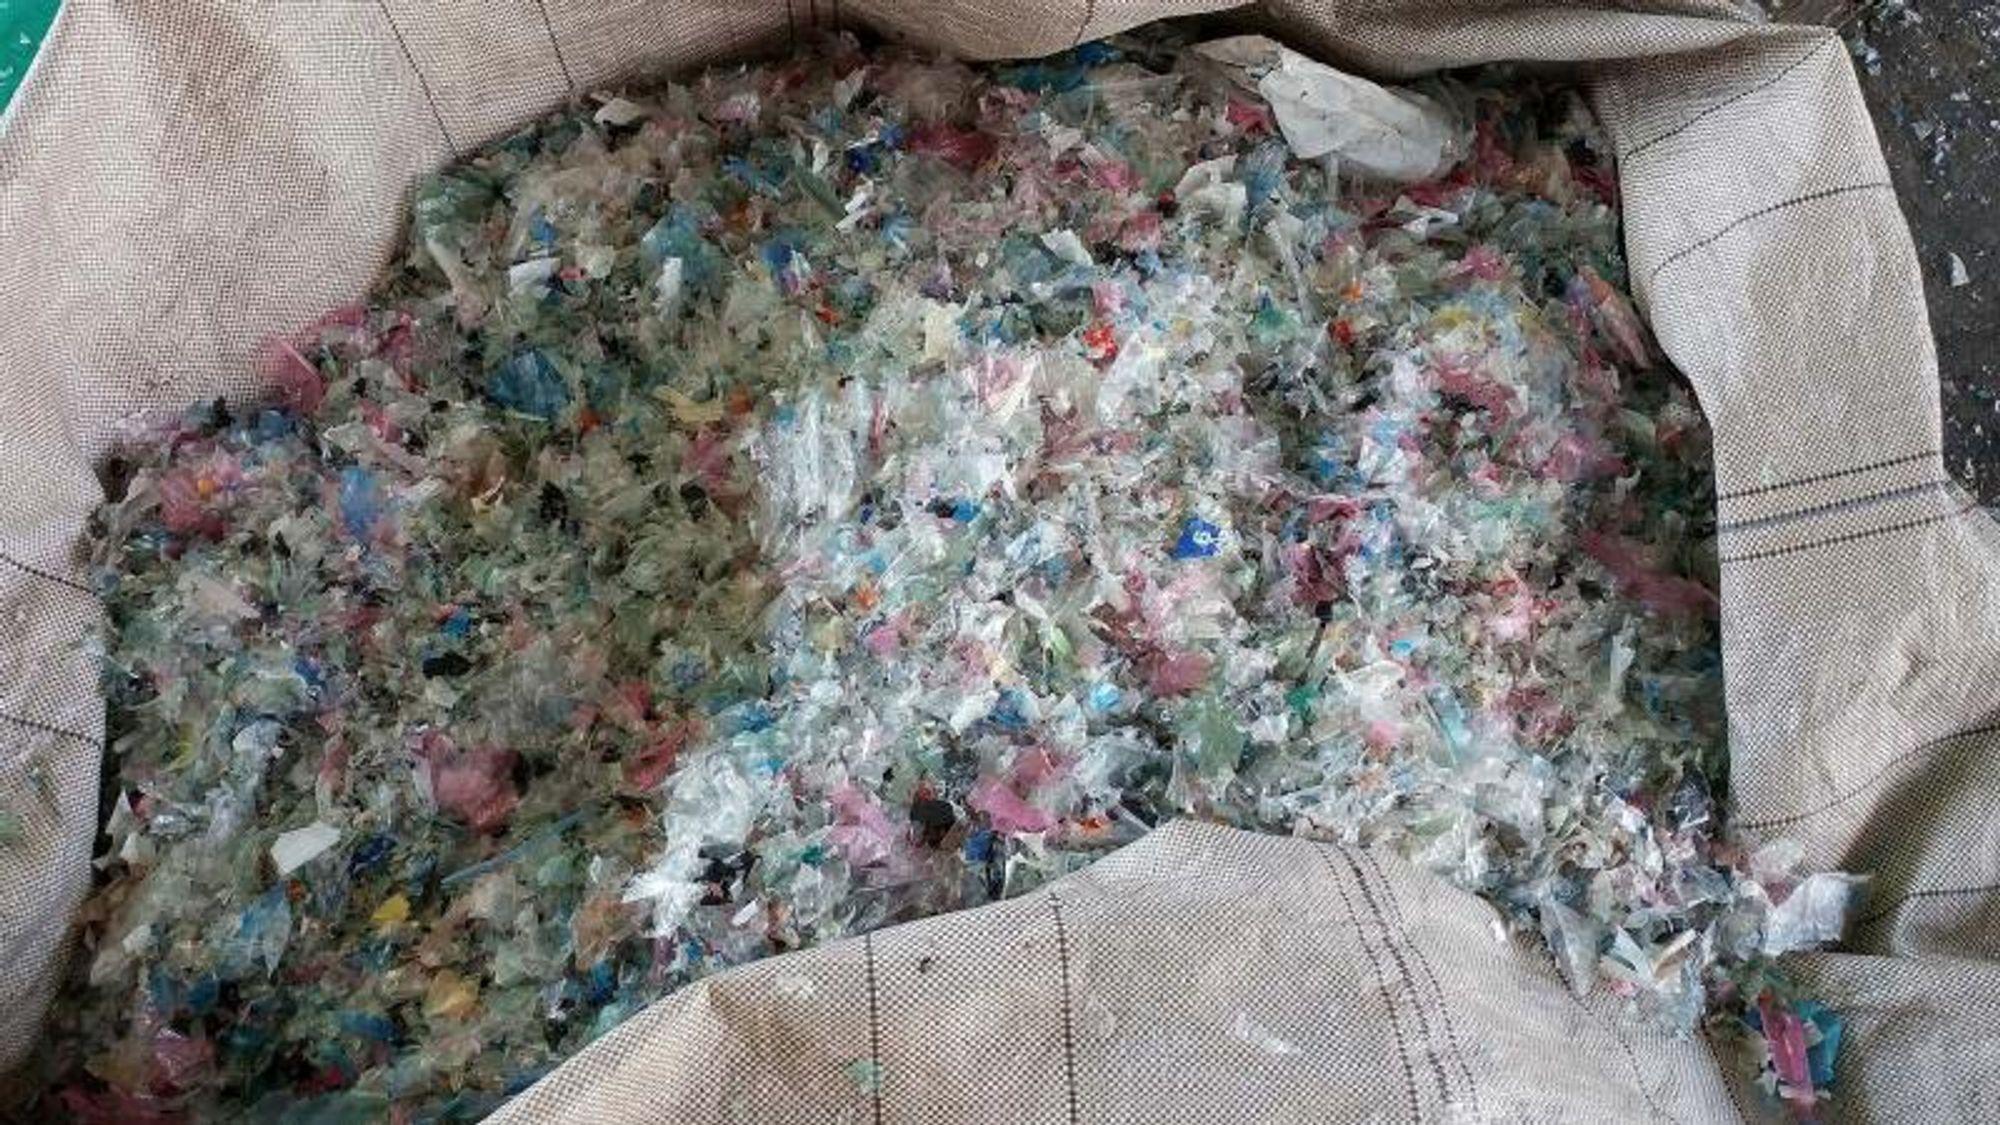 Kinas forbud mot import av plastavfall inneholder et smutthull: Kina tar gjerne imot avfallsplast som er ren og helst forarbeidet. Det har gjort for eksempel Malaysia til et land hvor gjenbruksfabrikker sorterer og vasker avfall i håp om å få det gjennom den kinesiske grensekontrollen.